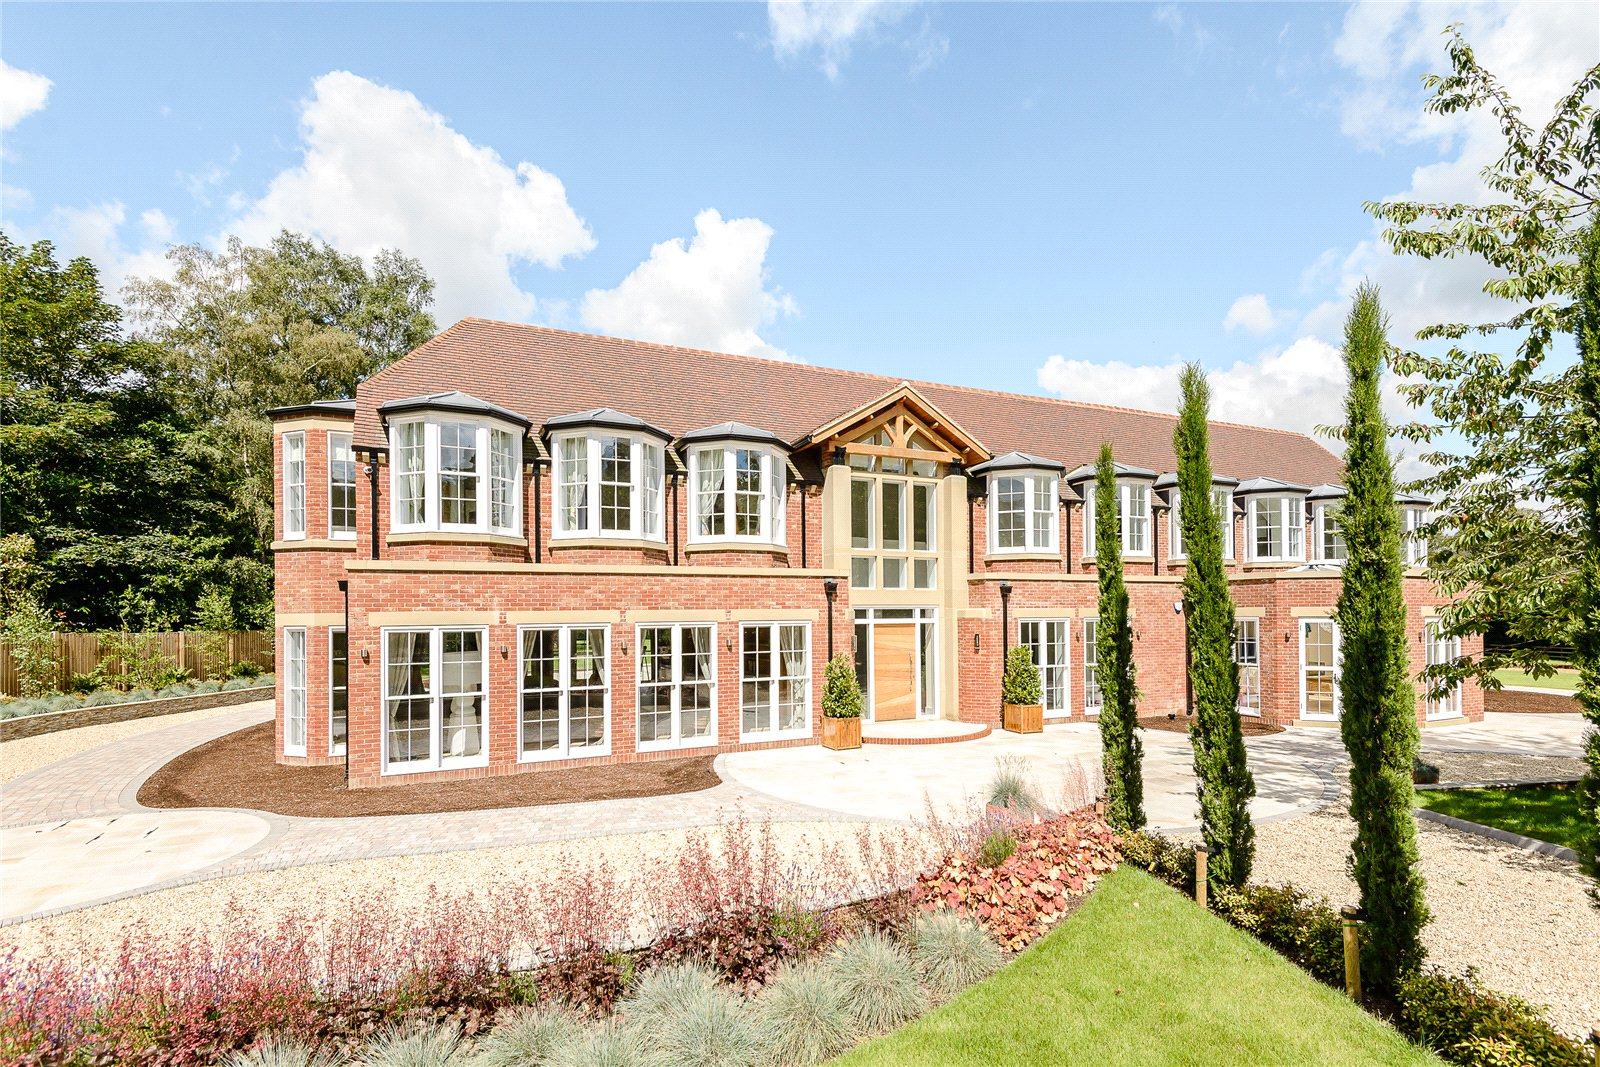 Μονοκατοικία για την Πώληση στο Fulmer Common Road, Fulmer/Iver, Buckinghamshire, SL0 Buckinghamshire, Αγγλια